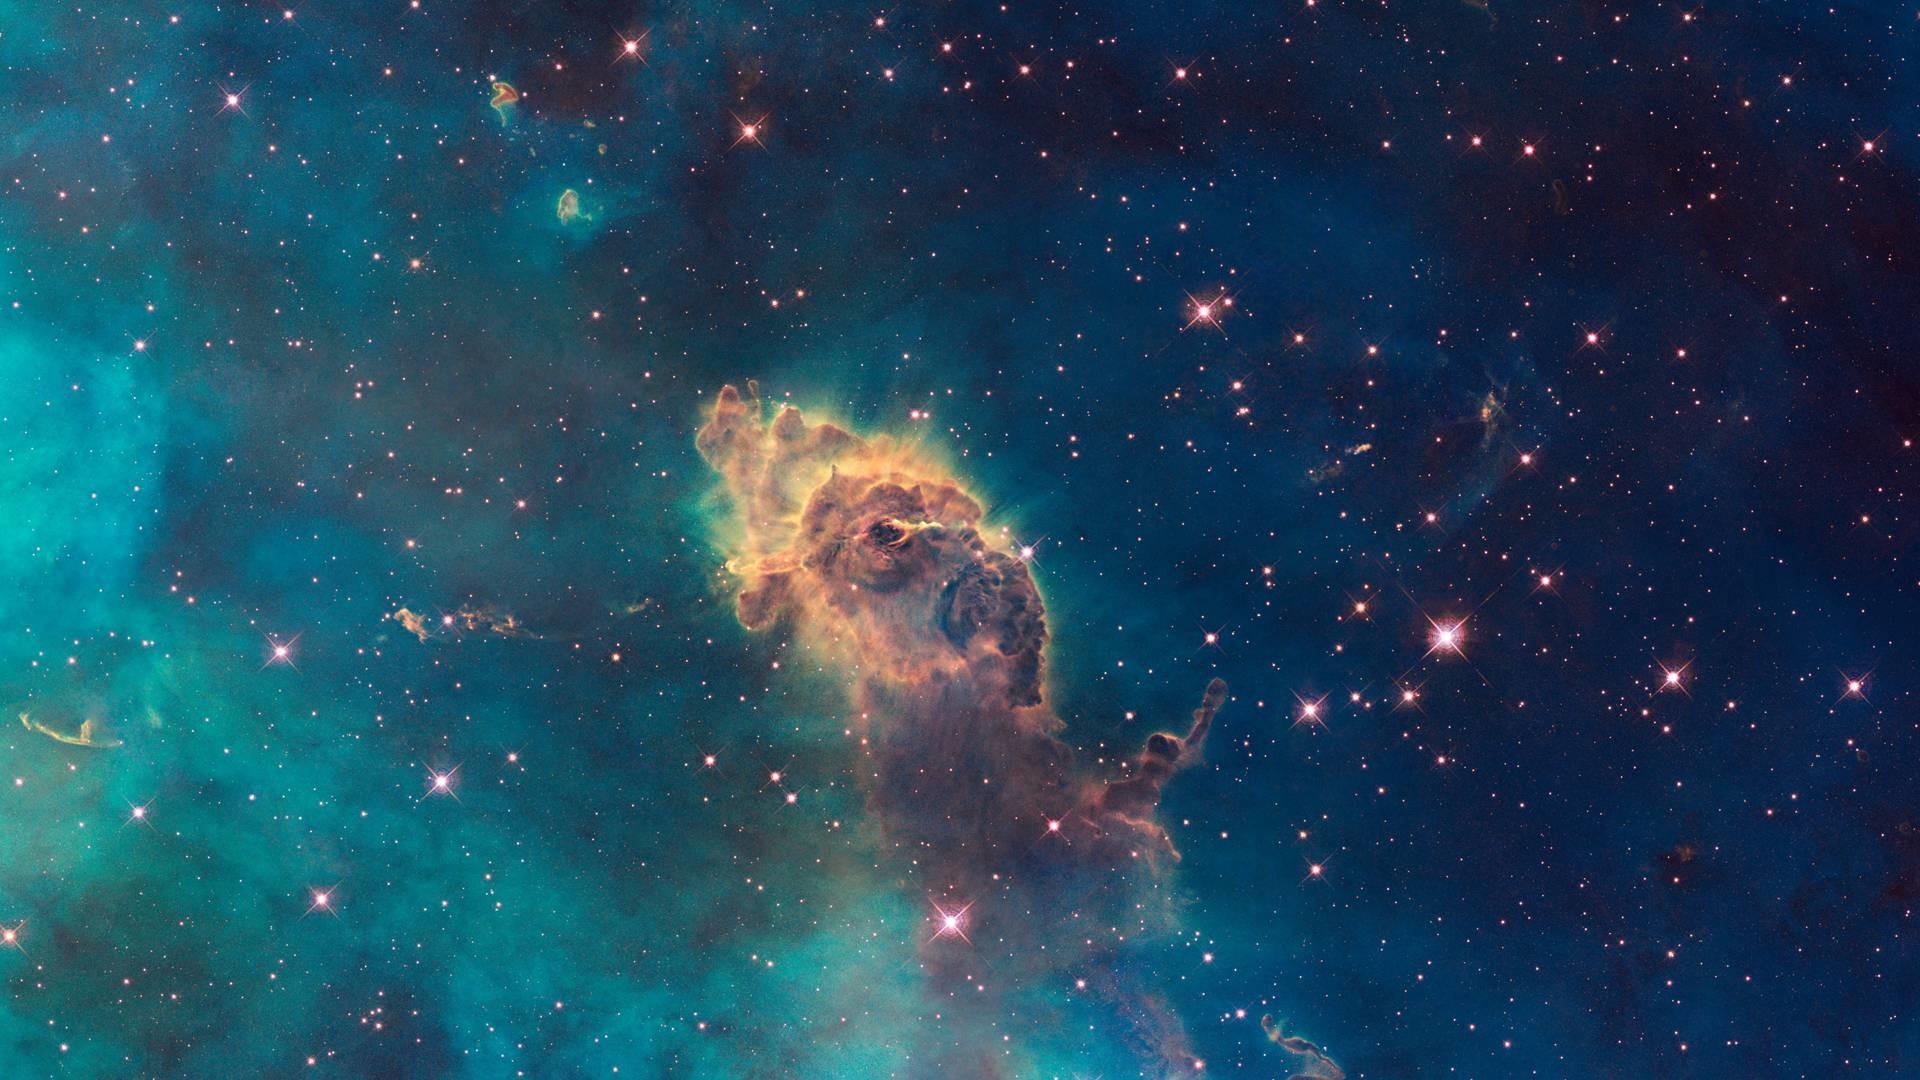 Space stars nebula